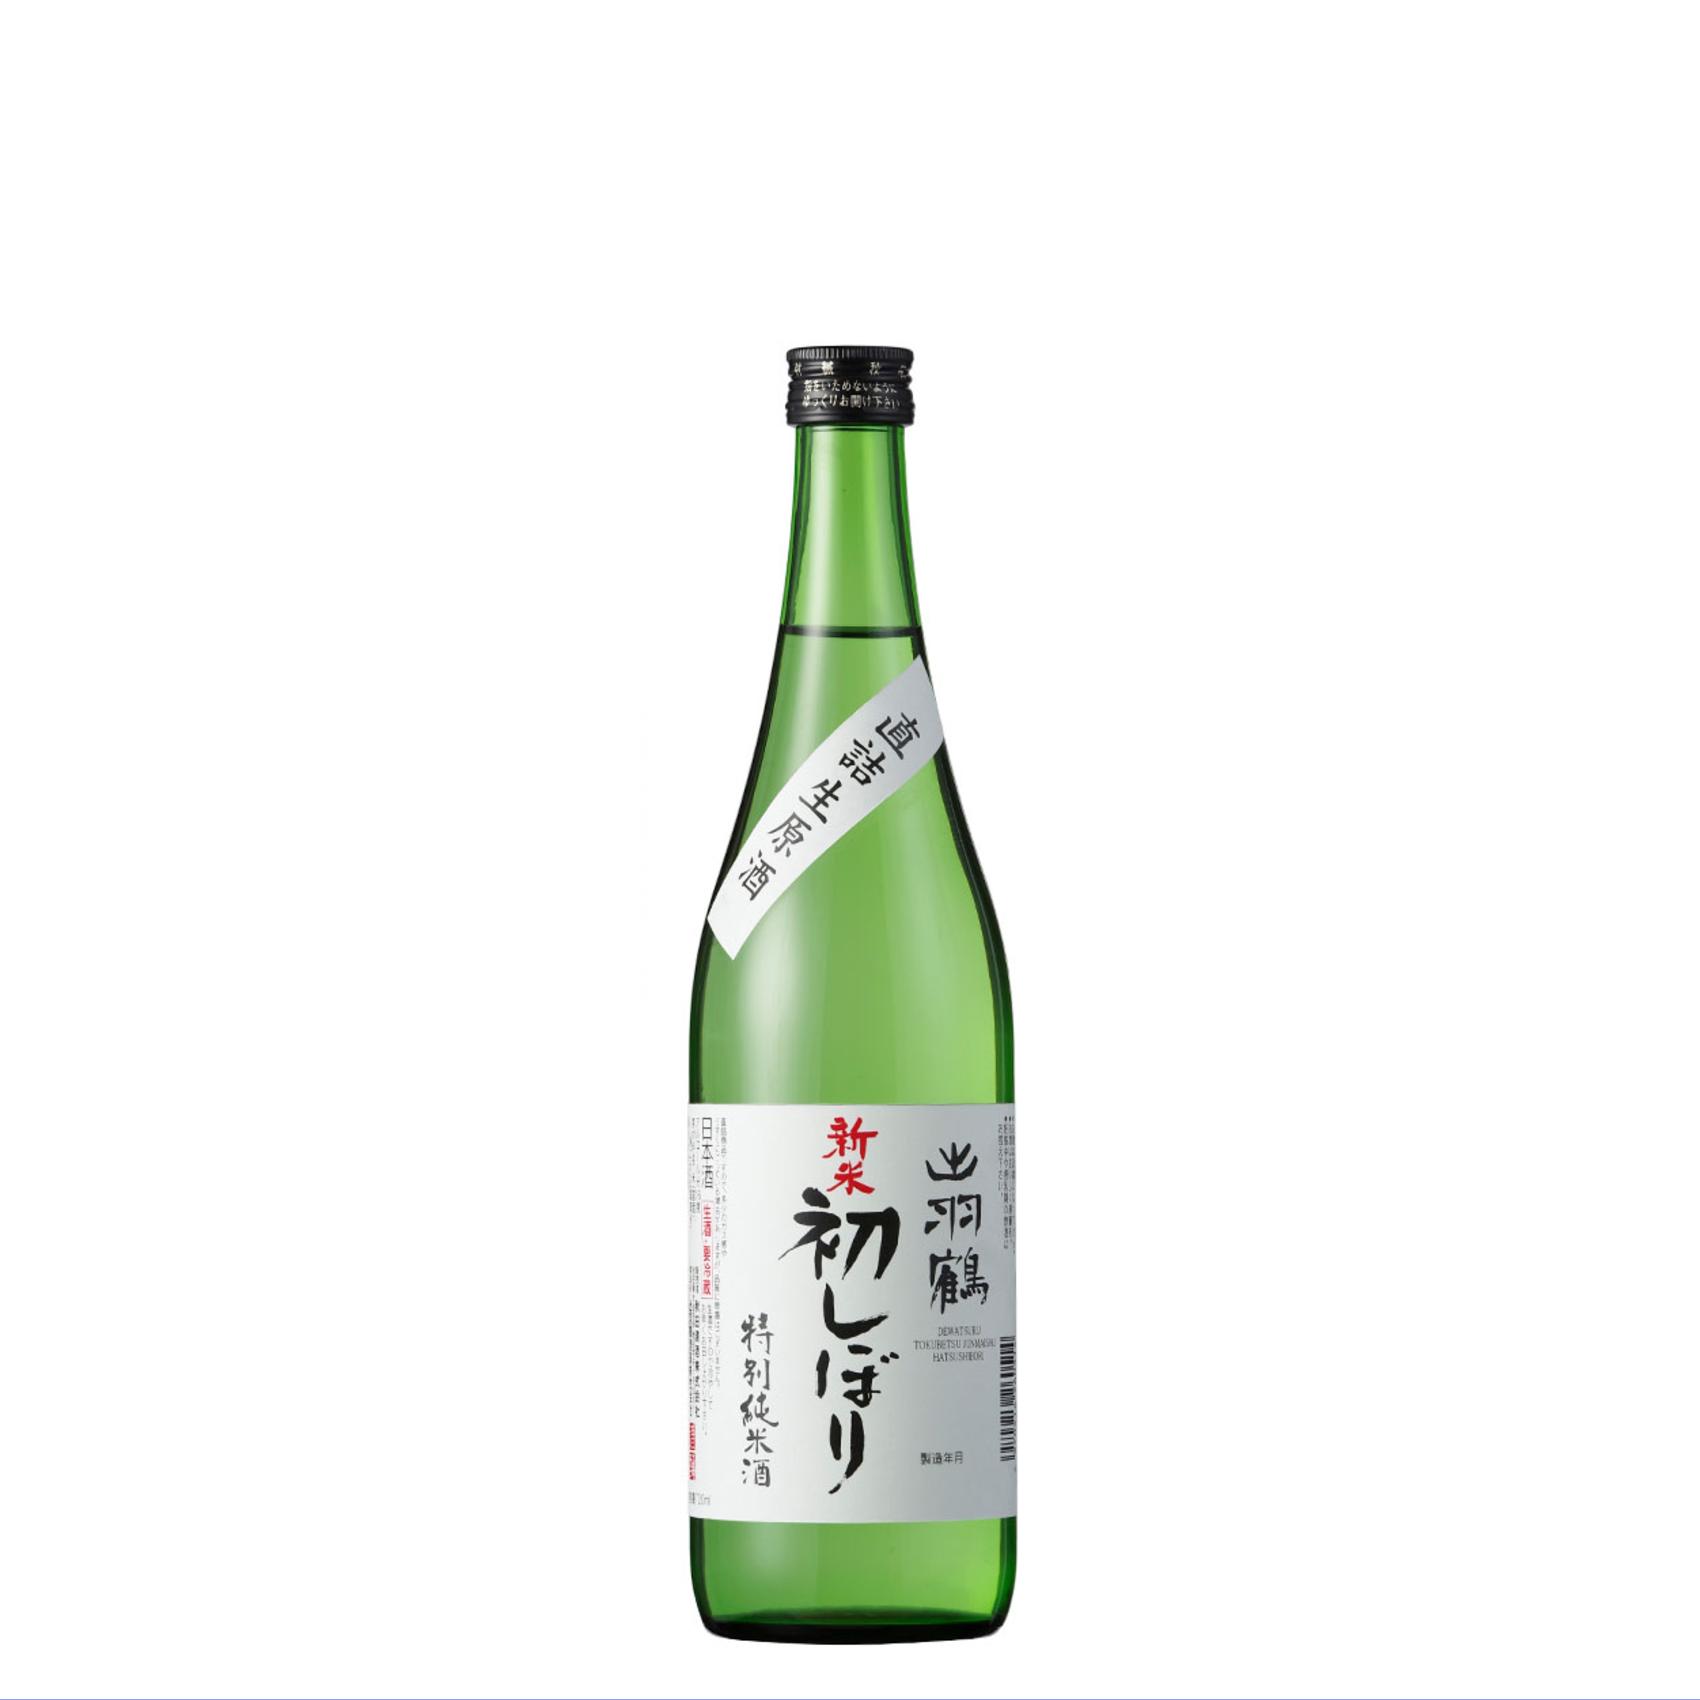 出羽鶴限定酒 純米新酒生 新米初しぼり 720ml